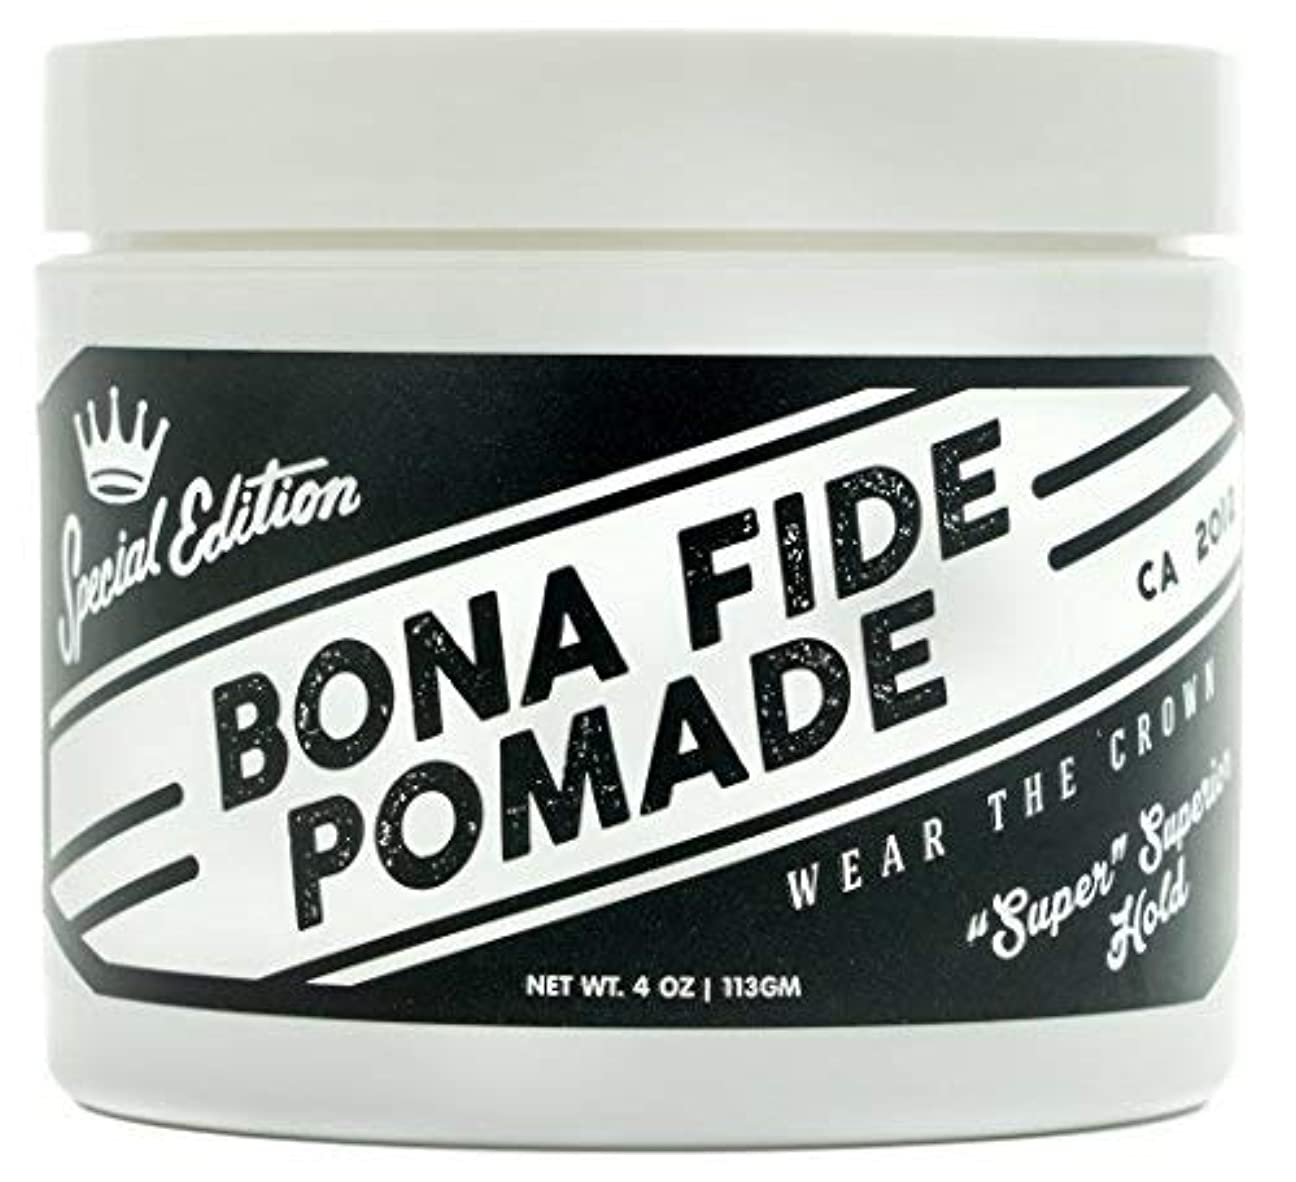 過去日記オアシスBona Fide Pomade, スーパースーペリアホールドSE, 4OZ (113g)、水性ポマード/ヘアー グリース (整髪料)